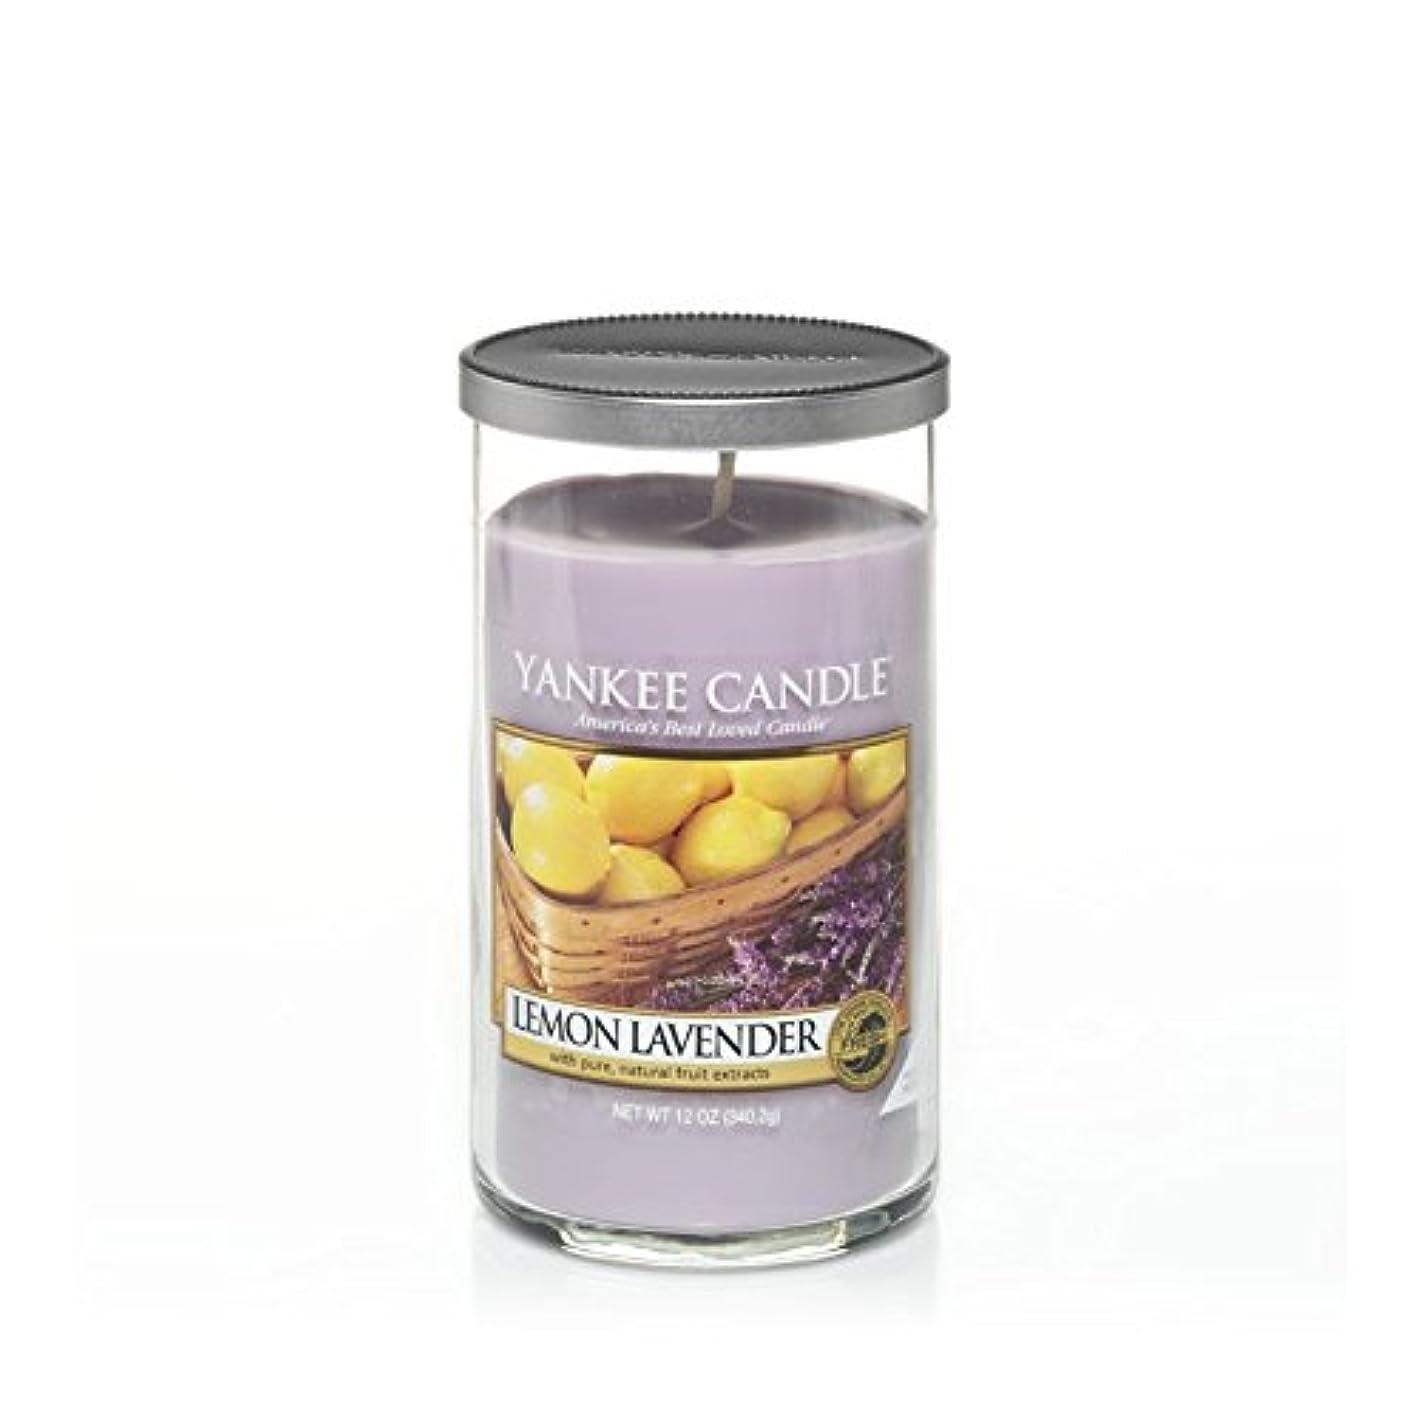 大学エピソード背骨ヤンキーキャンドルメディアピラーキャンドル - レモンラベンダー - Yankee Candles Medium Pillar Candle - Lemon Lavender (Yankee Candles) [並行輸入品]